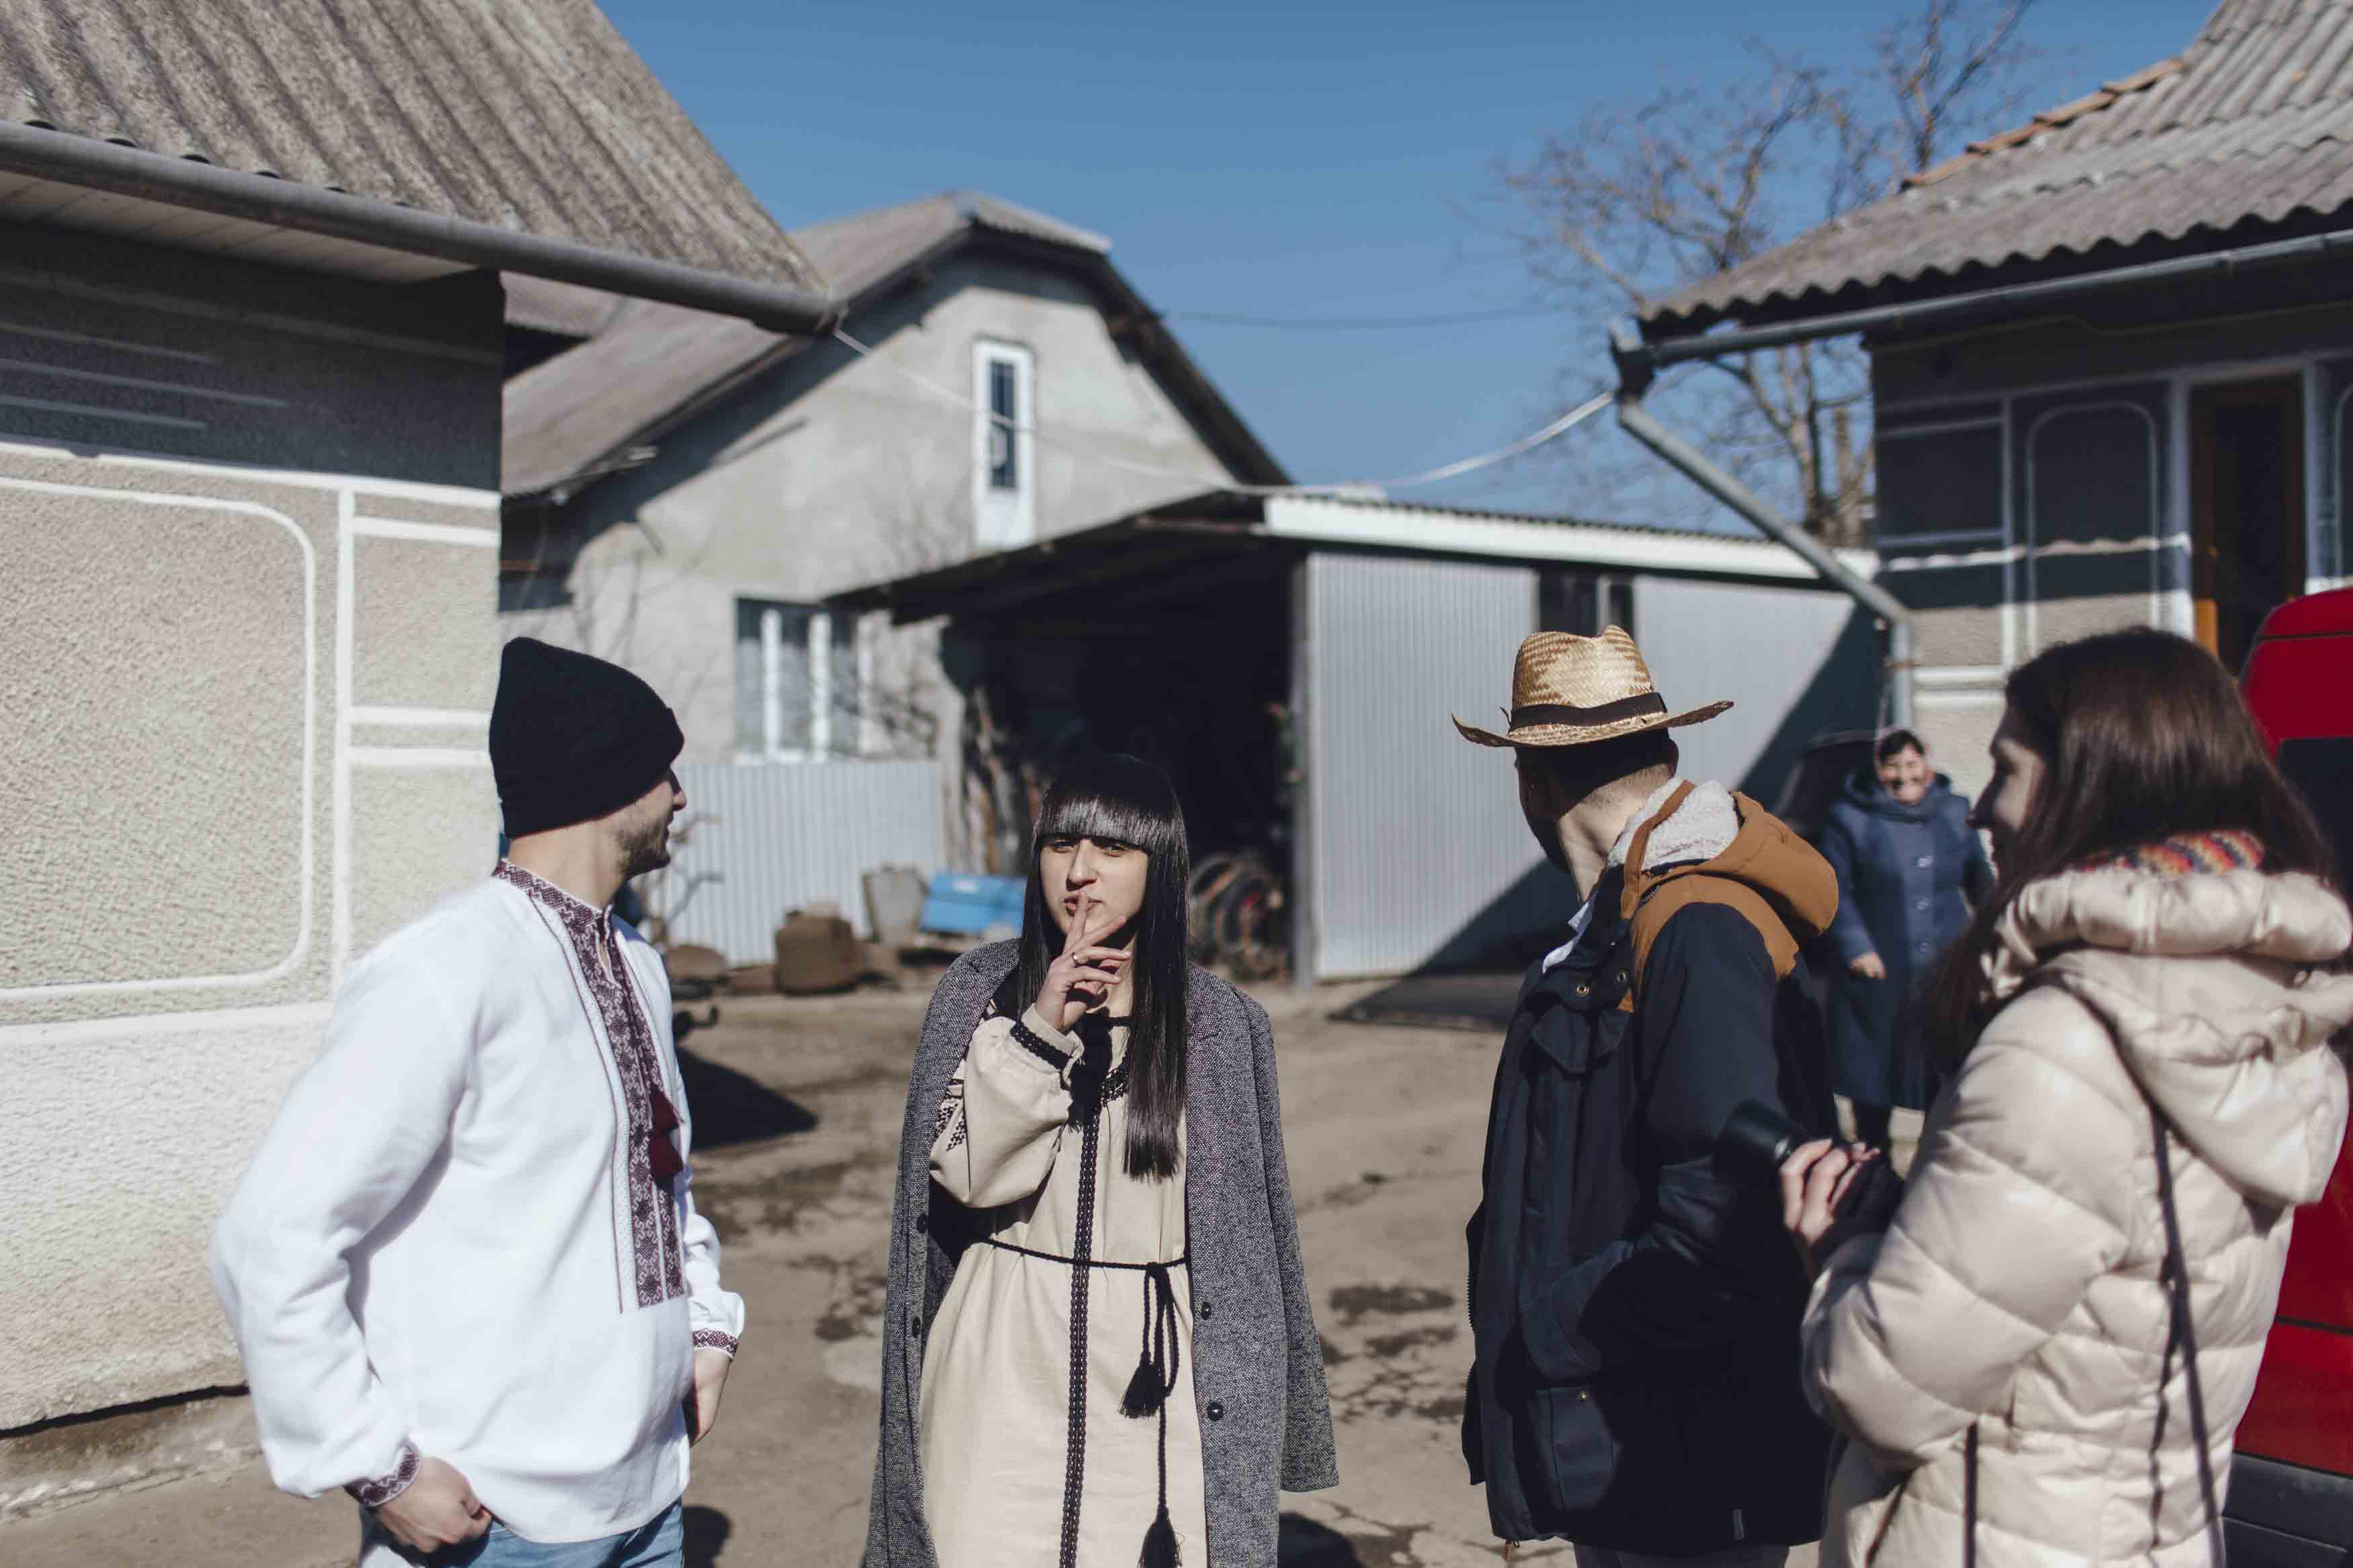 """MARUV по-гуцульськи: прикарпатка зняла провокативний кліп, бо вважає, що """"Євробачення пустили попри мешти"""